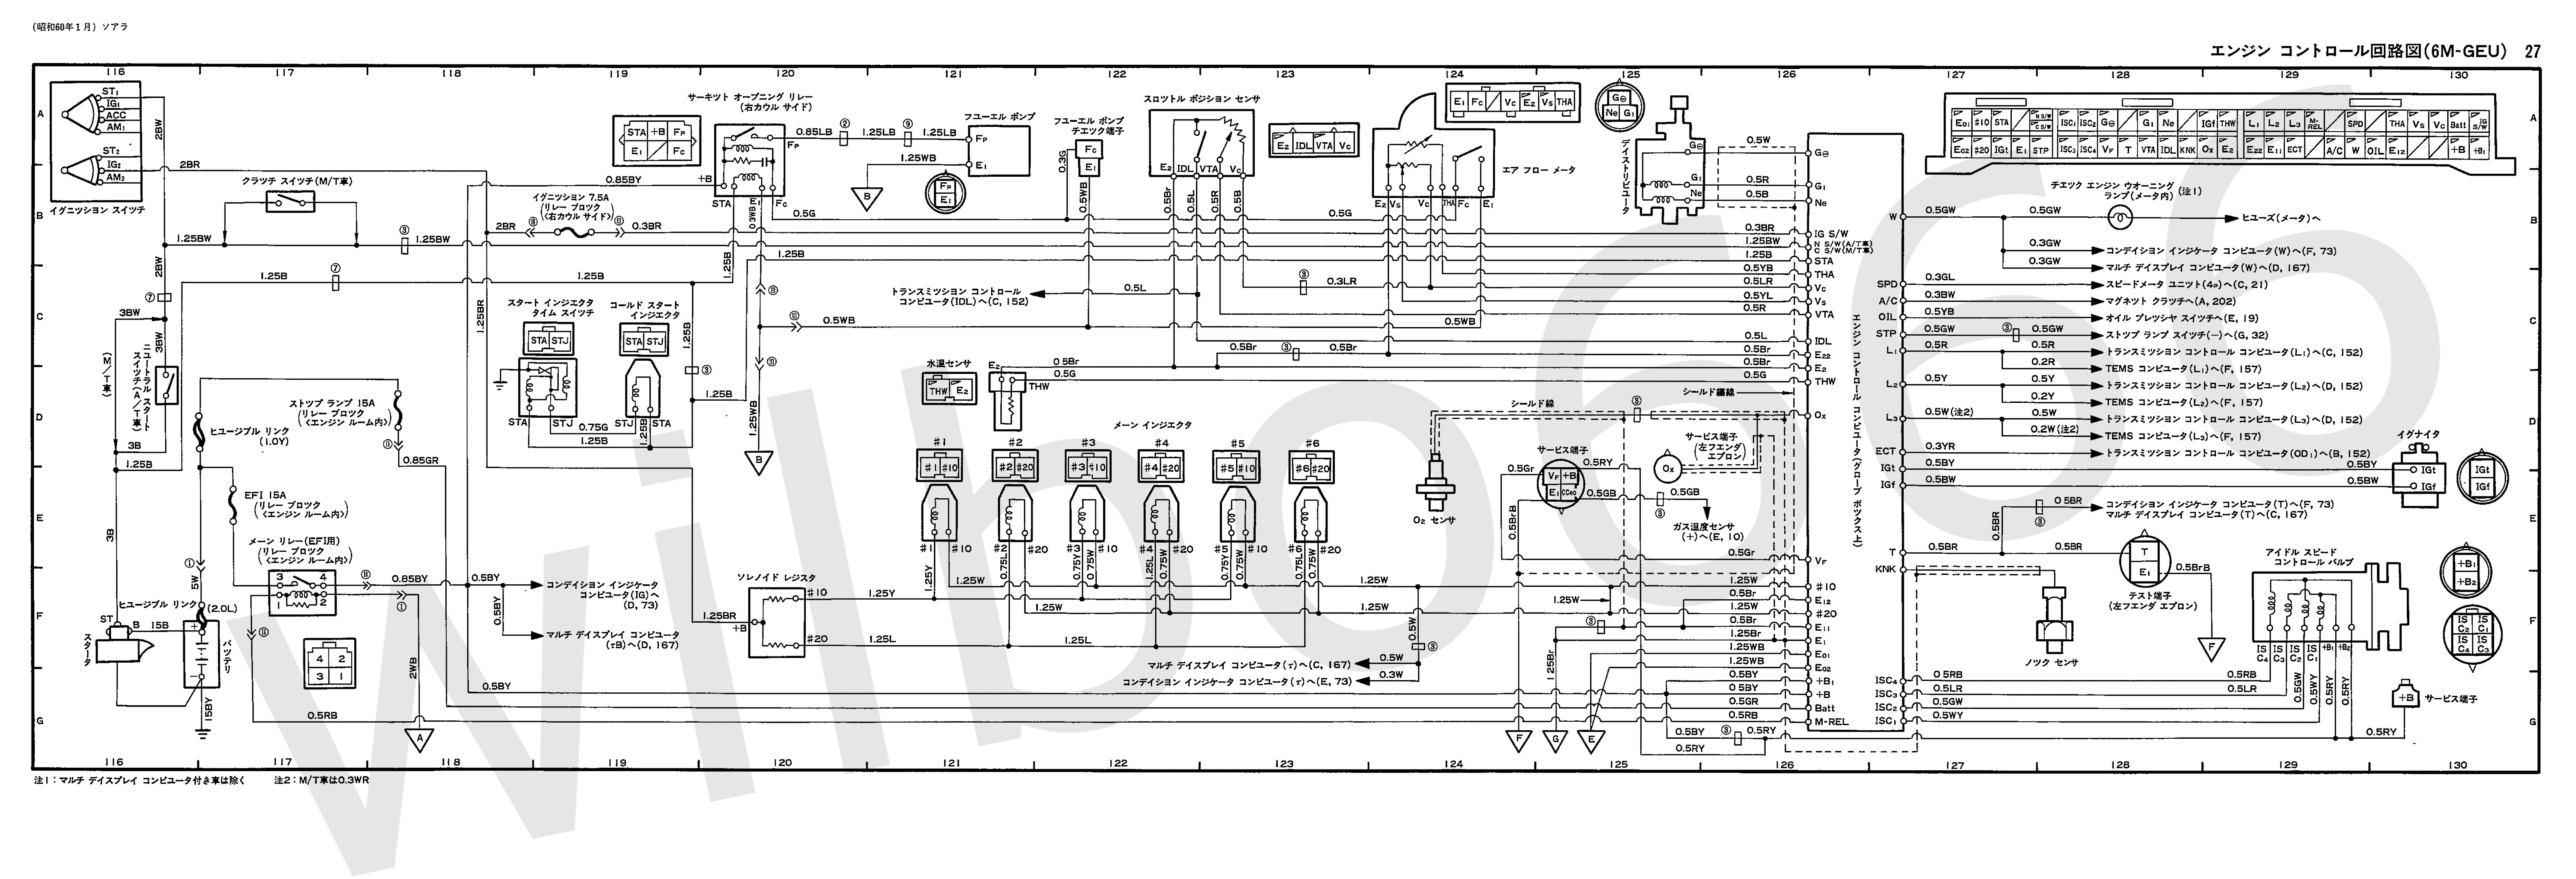 wilbo666 6m geu mz12 soarer engine wiring. Black Bedroom Furniture Sets. Home Design Ideas